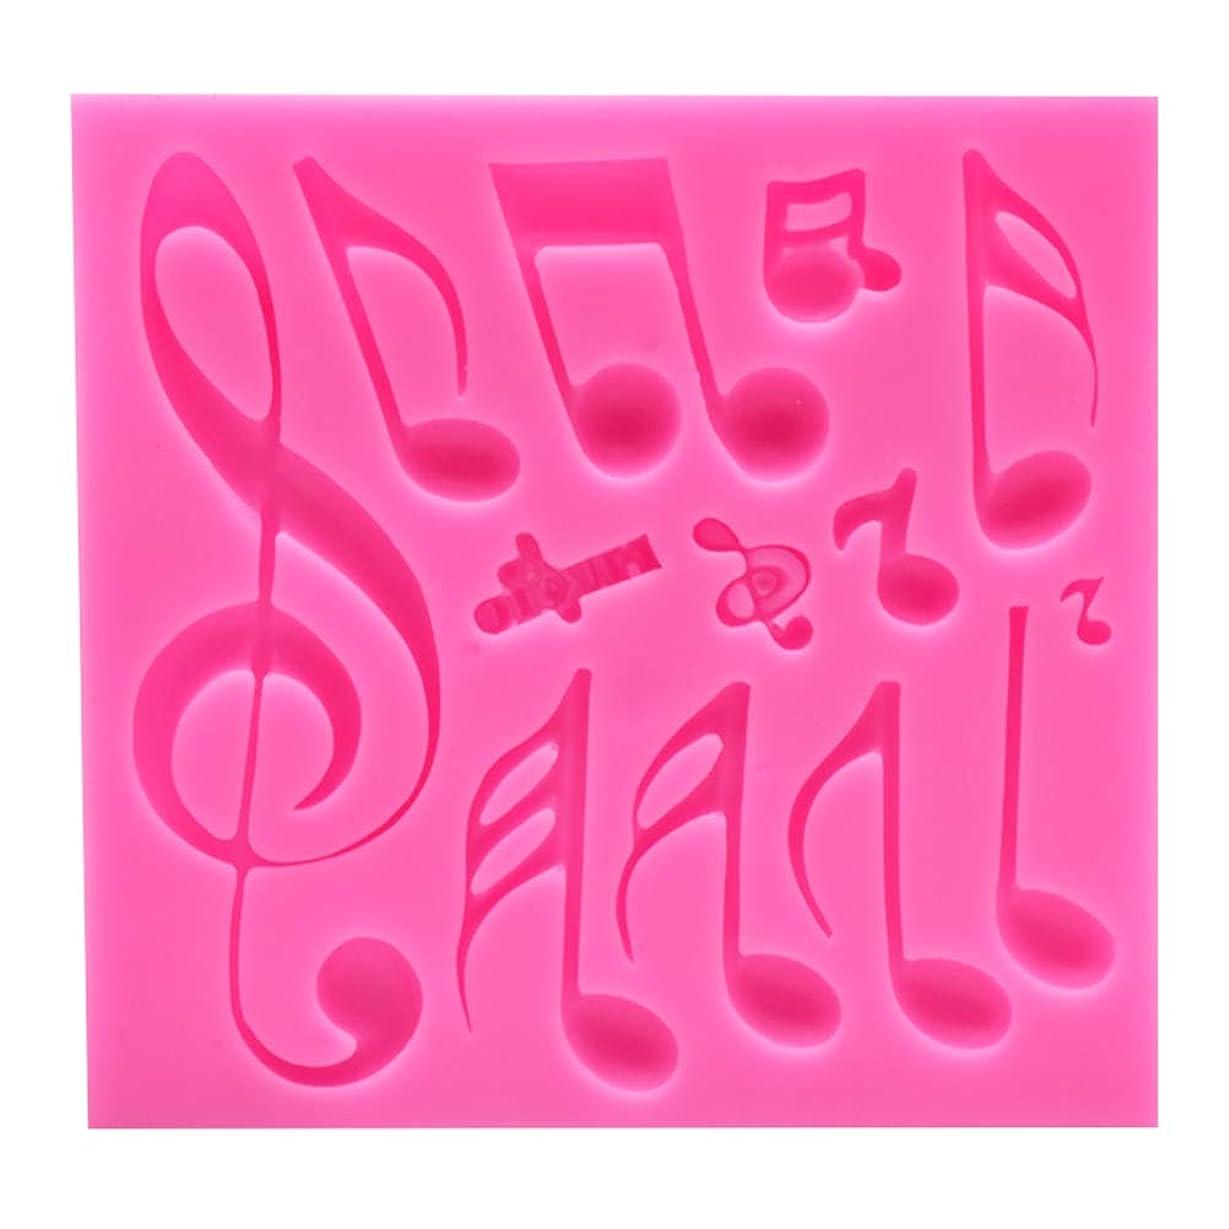 他の日理論あたりBESTONZON ミュージカル表記シリコン鋳型ケーキデコレーティングツールバケアカップケーキデザートチョコレートフォンダンモールド(ピンク)